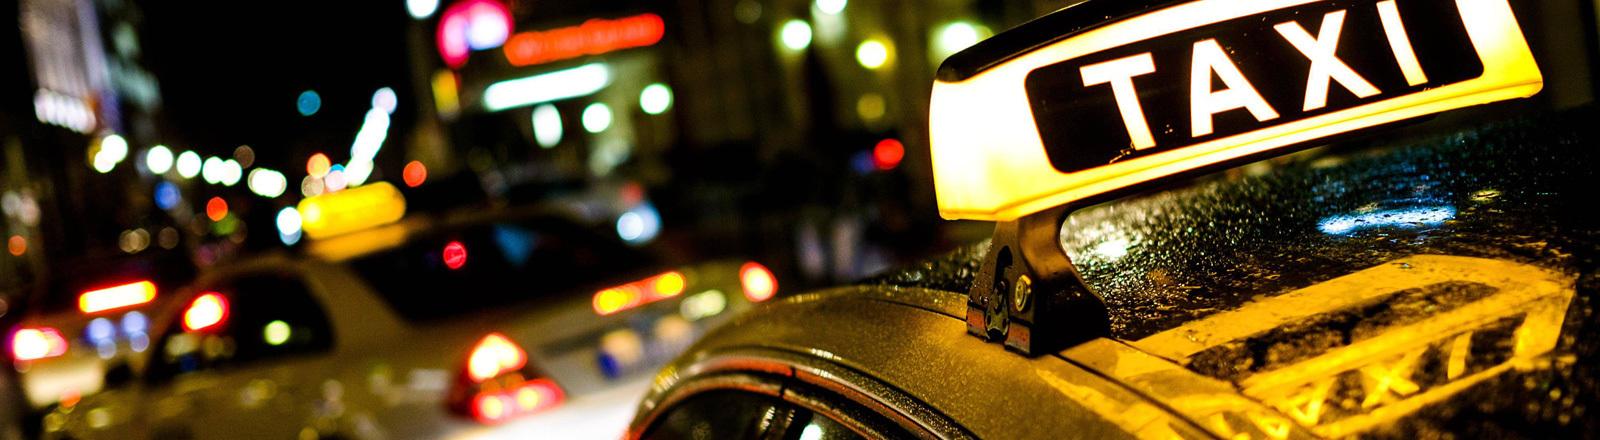 Zwei Taxis stehen nachts im Straßenverkehr. Die Lampen der Autos und die Straßenlampen leuchten.